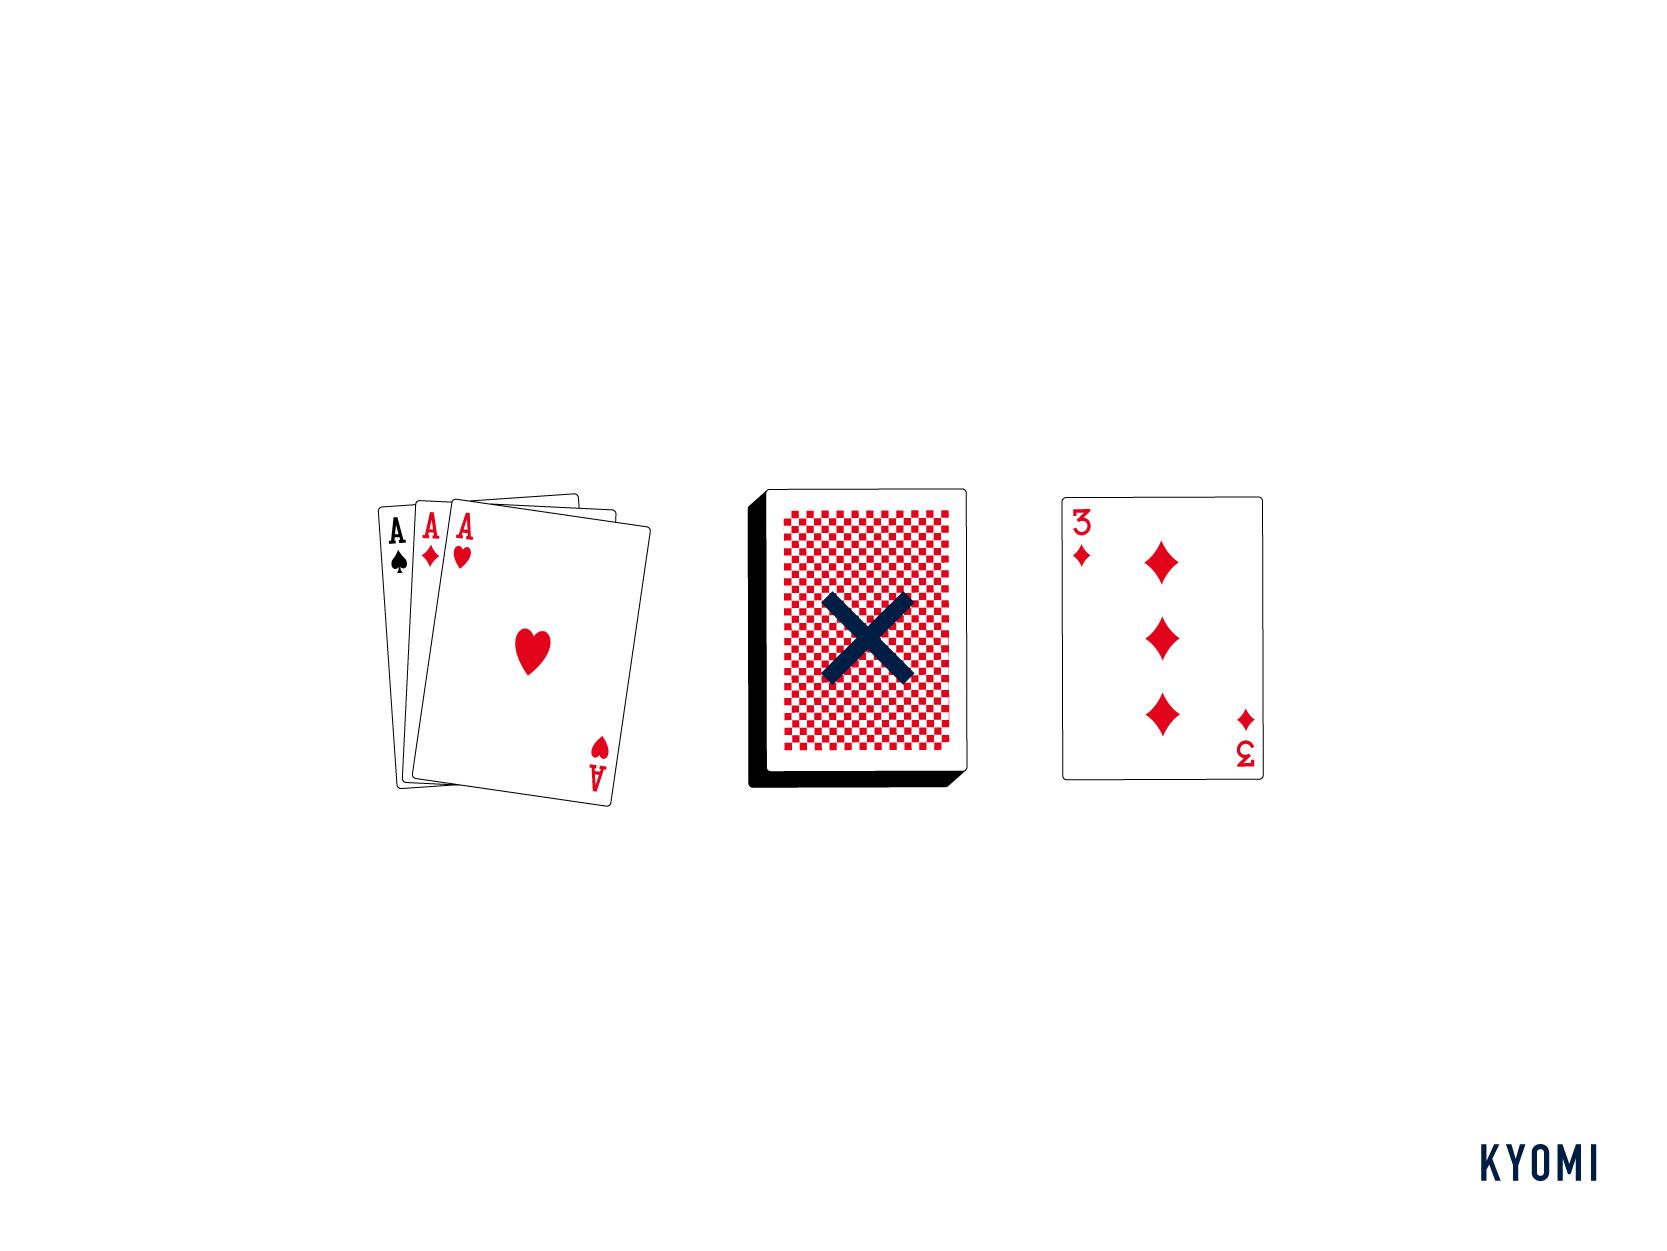 ミッチ-トランプ-図-ラウンドの終了